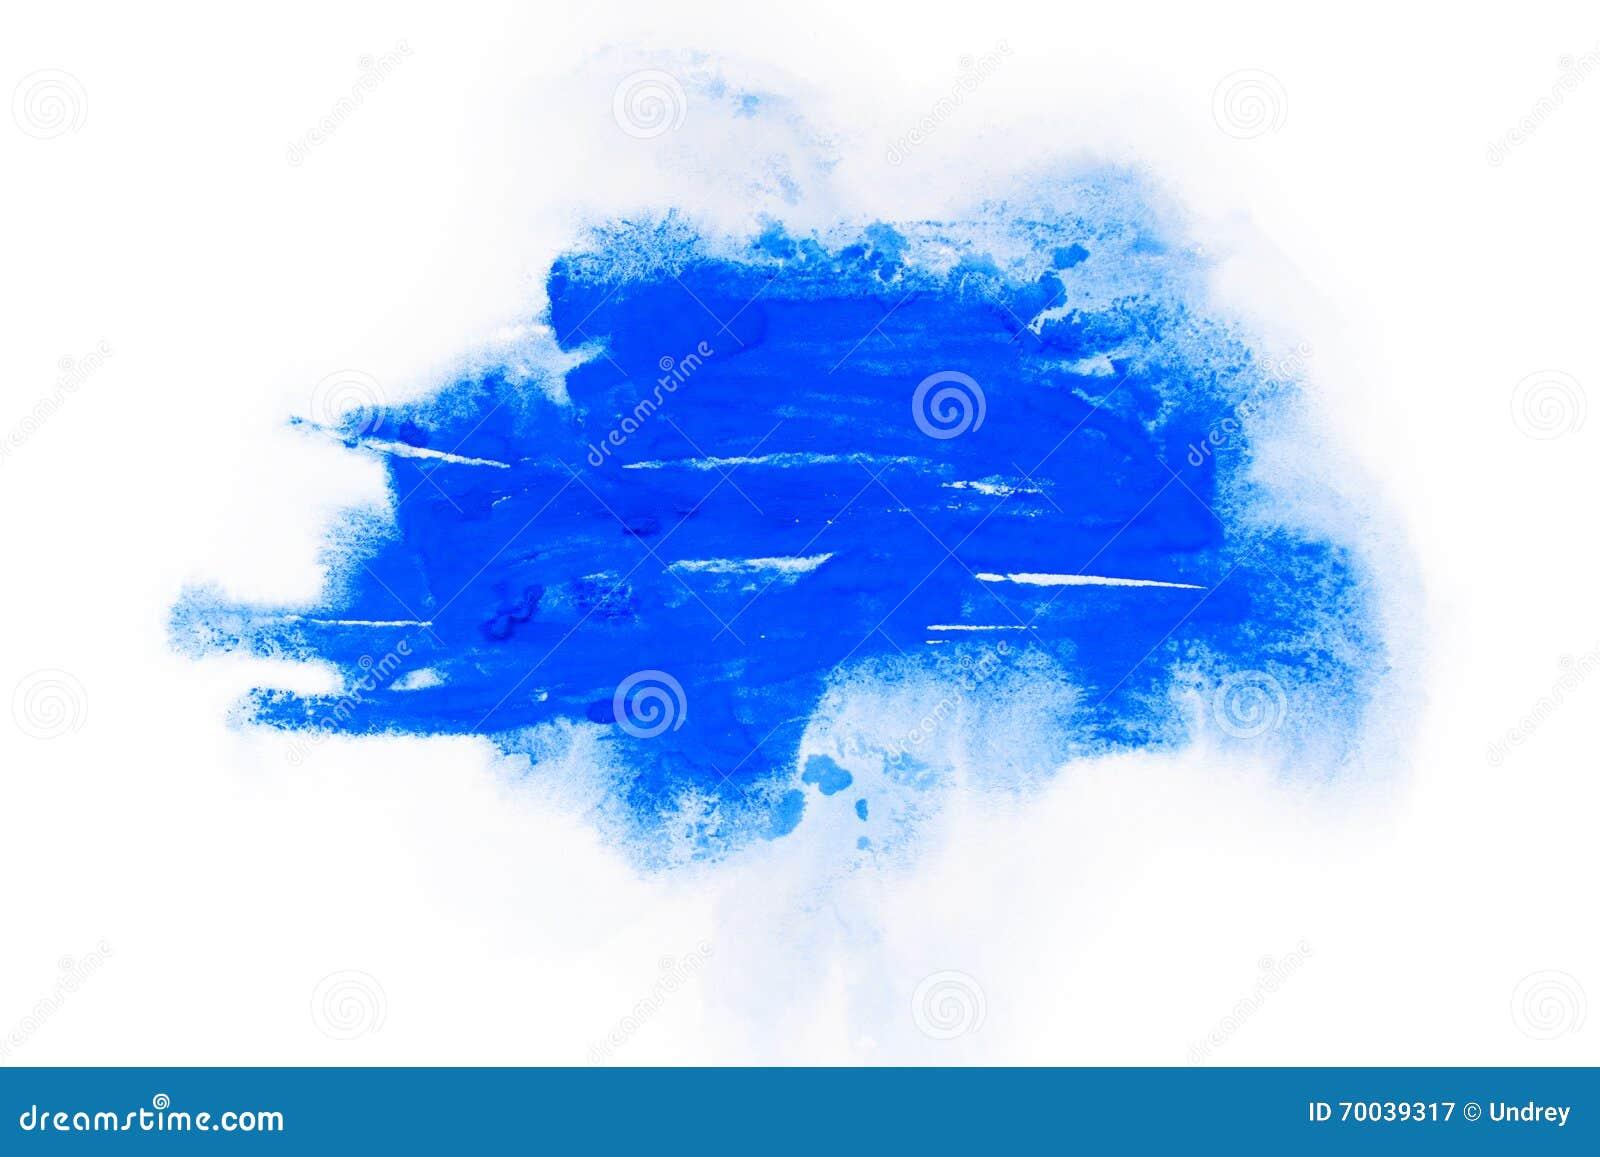 Vattenfärg gouachemålarfärg Blåa abstrakta fläckar plaskar färgstänk med grov textur